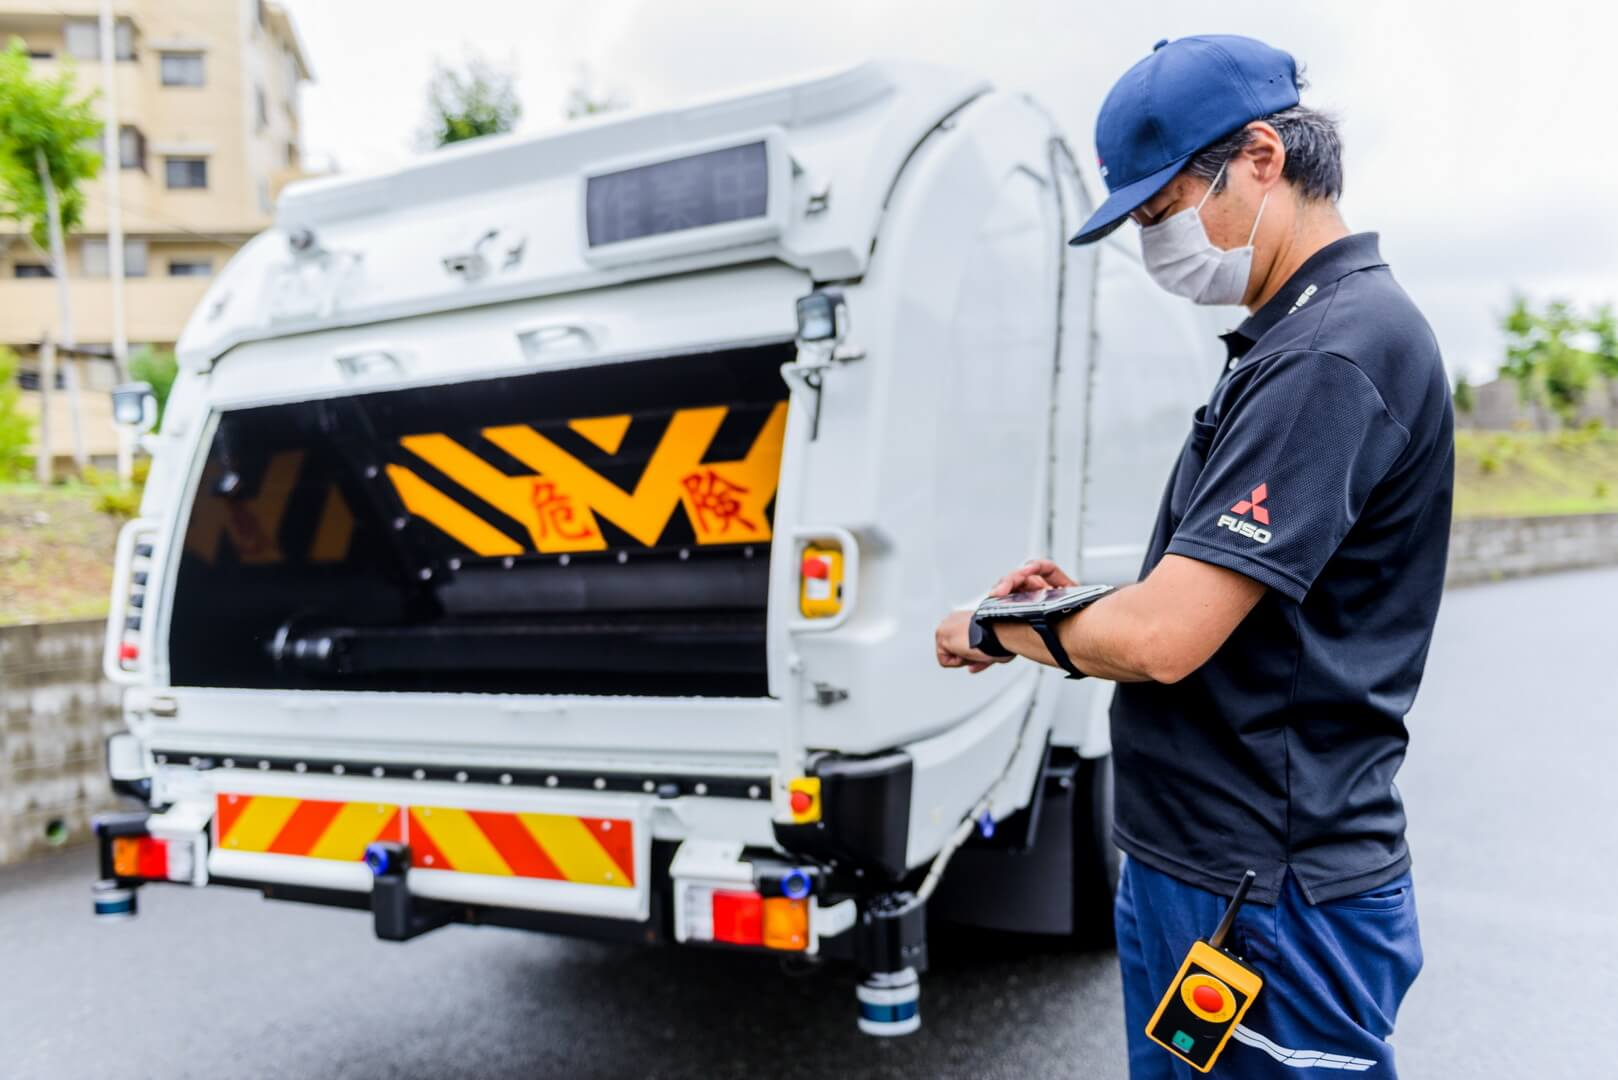 Операторы, идущие рядом странспортным средством, могут управлять eCanter SensorCollect дистанционно